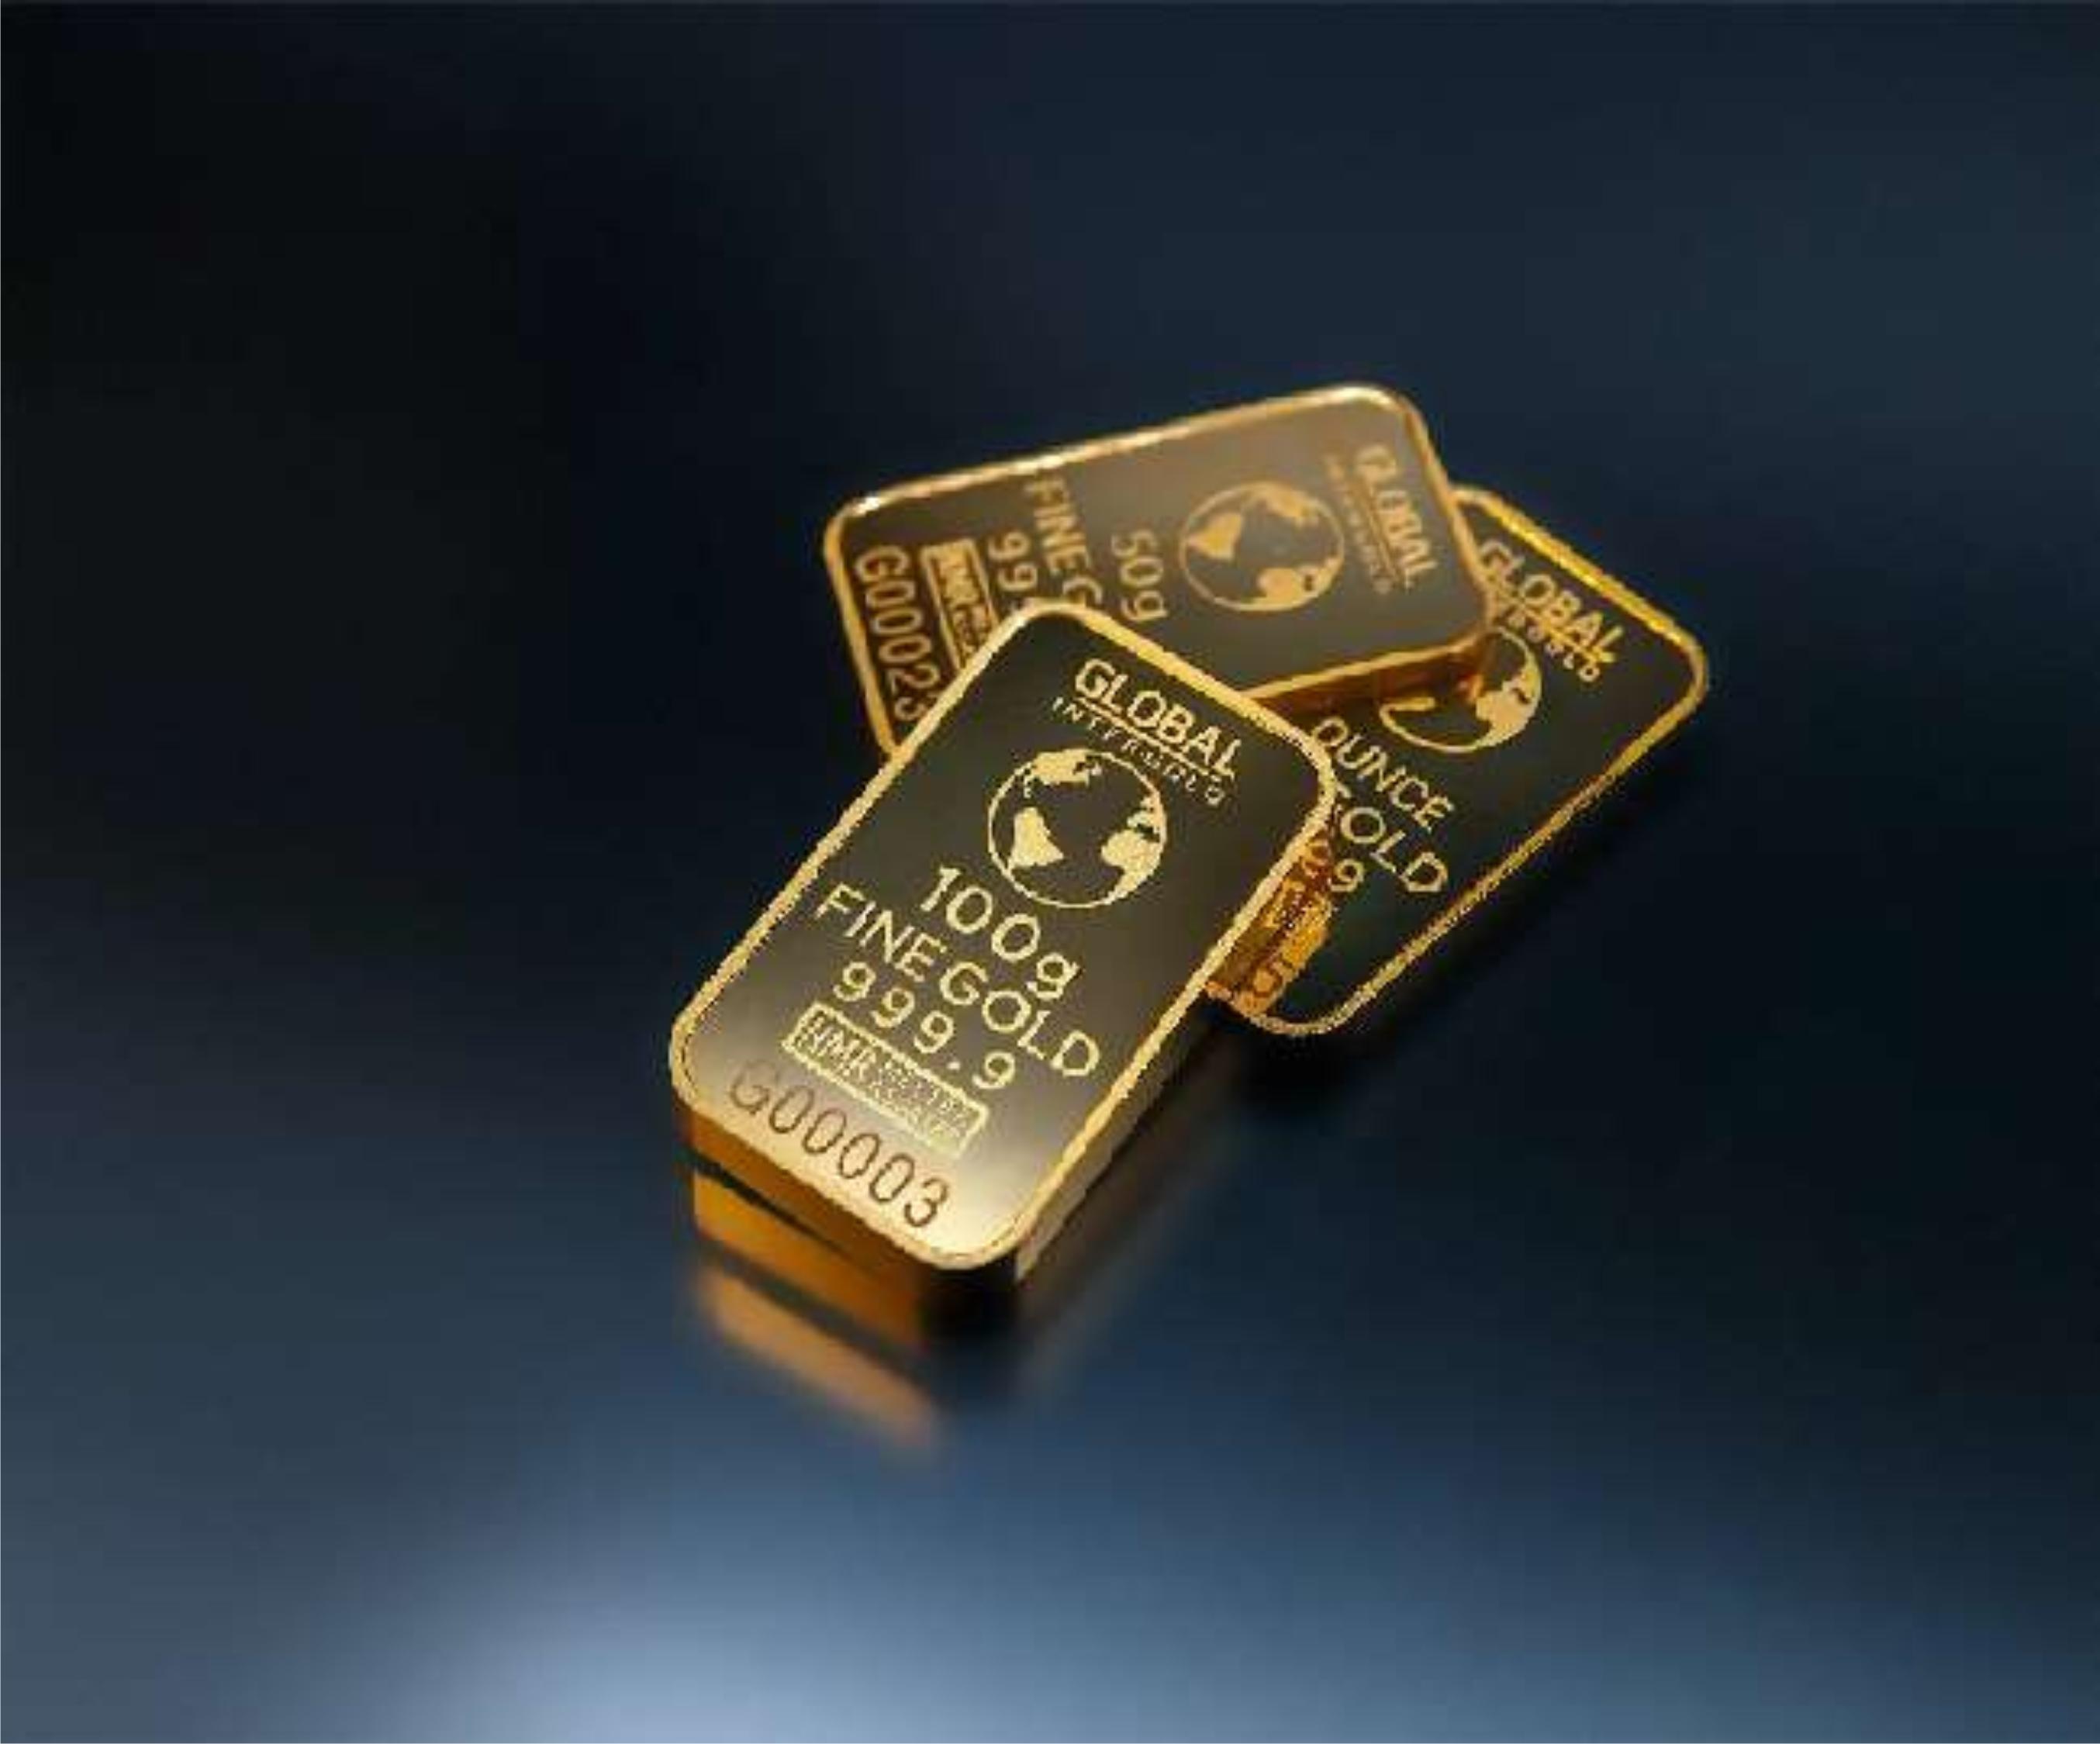 सोने के वायदा भाव में तेजी, चांदी भी चमकी, जानिए क्या हैं कीमतें